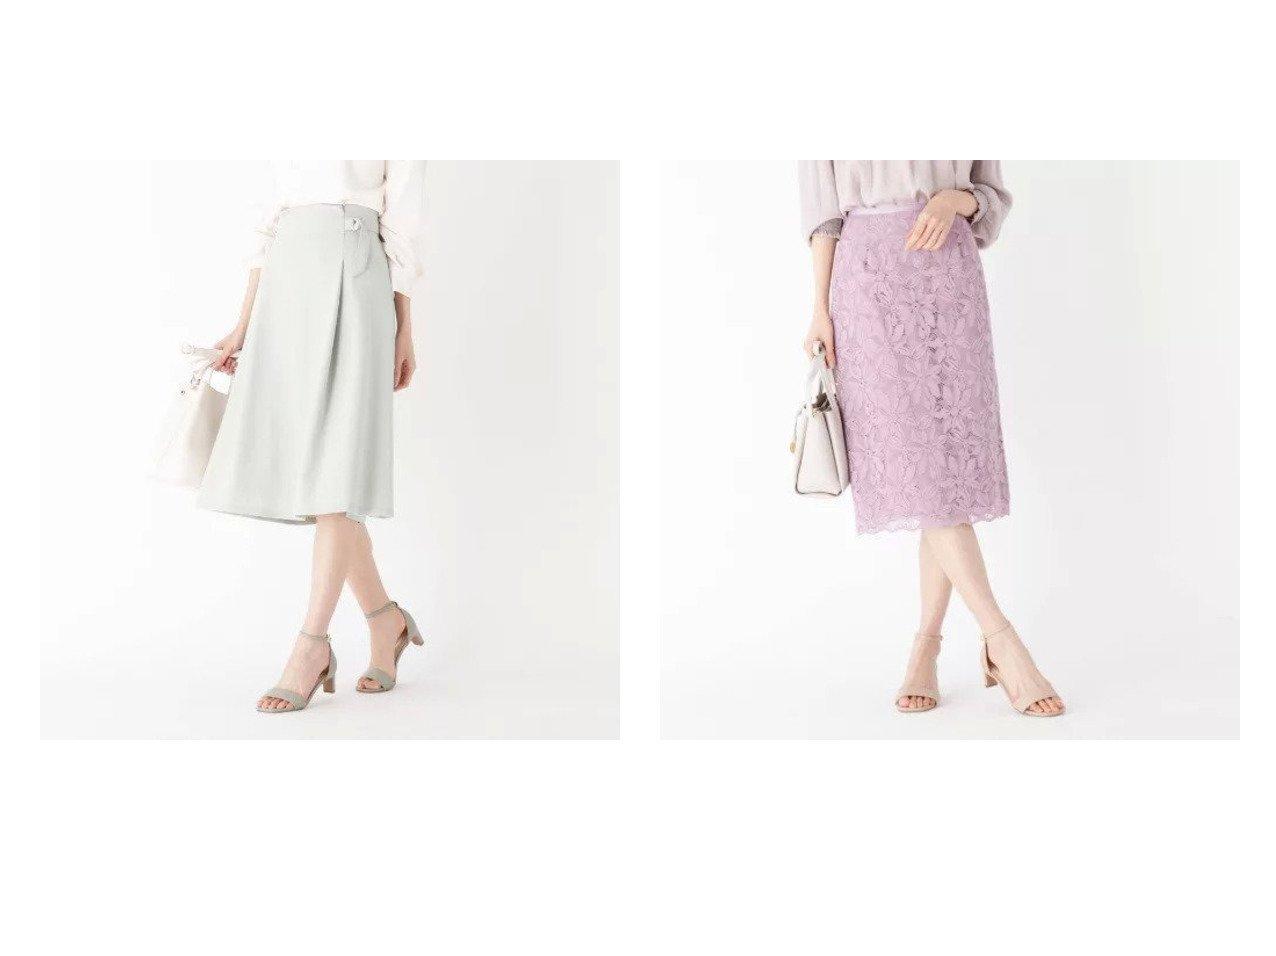 【INDEX/インデックス】の【WEB限定サイズ】カットジョーゼットラップ風フレアスカート&【WEB限定サイズ】エンブロイダリーレースタイトスカート 【スカート】おすすめ!人気、トレンド・レディースファッションの通販 おすすめで人気の流行・トレンド、ファッションの通販商品 メンズファッション・キッズファッション・インテリア・家具・レディースファッション・服の通販 founy(ファニー) https://founy.com/ ファッション Fashion レディースファッション WOMEN スカート Skirt Aライン/フレアスカート Flared A-Line Skirts ジャージ ジョーゼット スキッパー ストレッチ セットアップ フレア ポケット ラップ エレガント シンプル ジャケット タイトスカート レース |ID:crp329100000028450